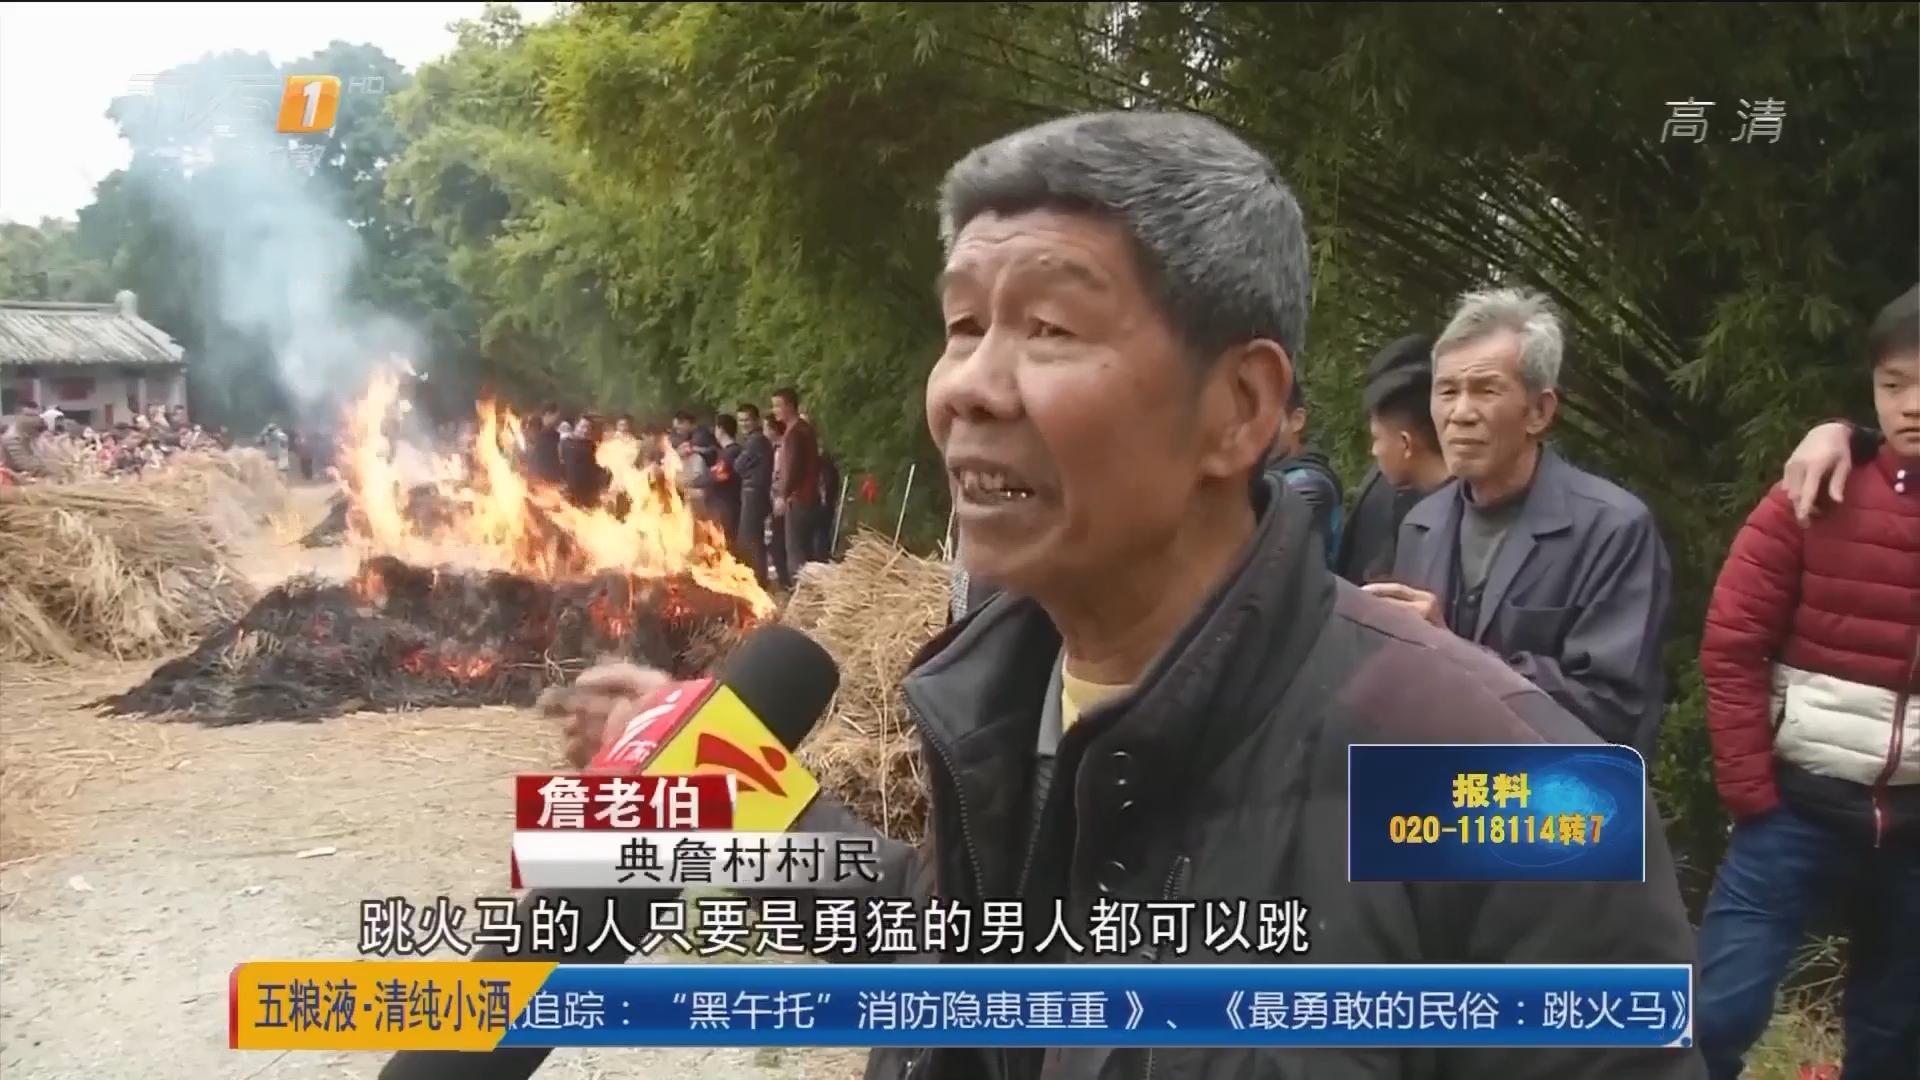 揭阳普宁 最勇敢的民俗:跳火马